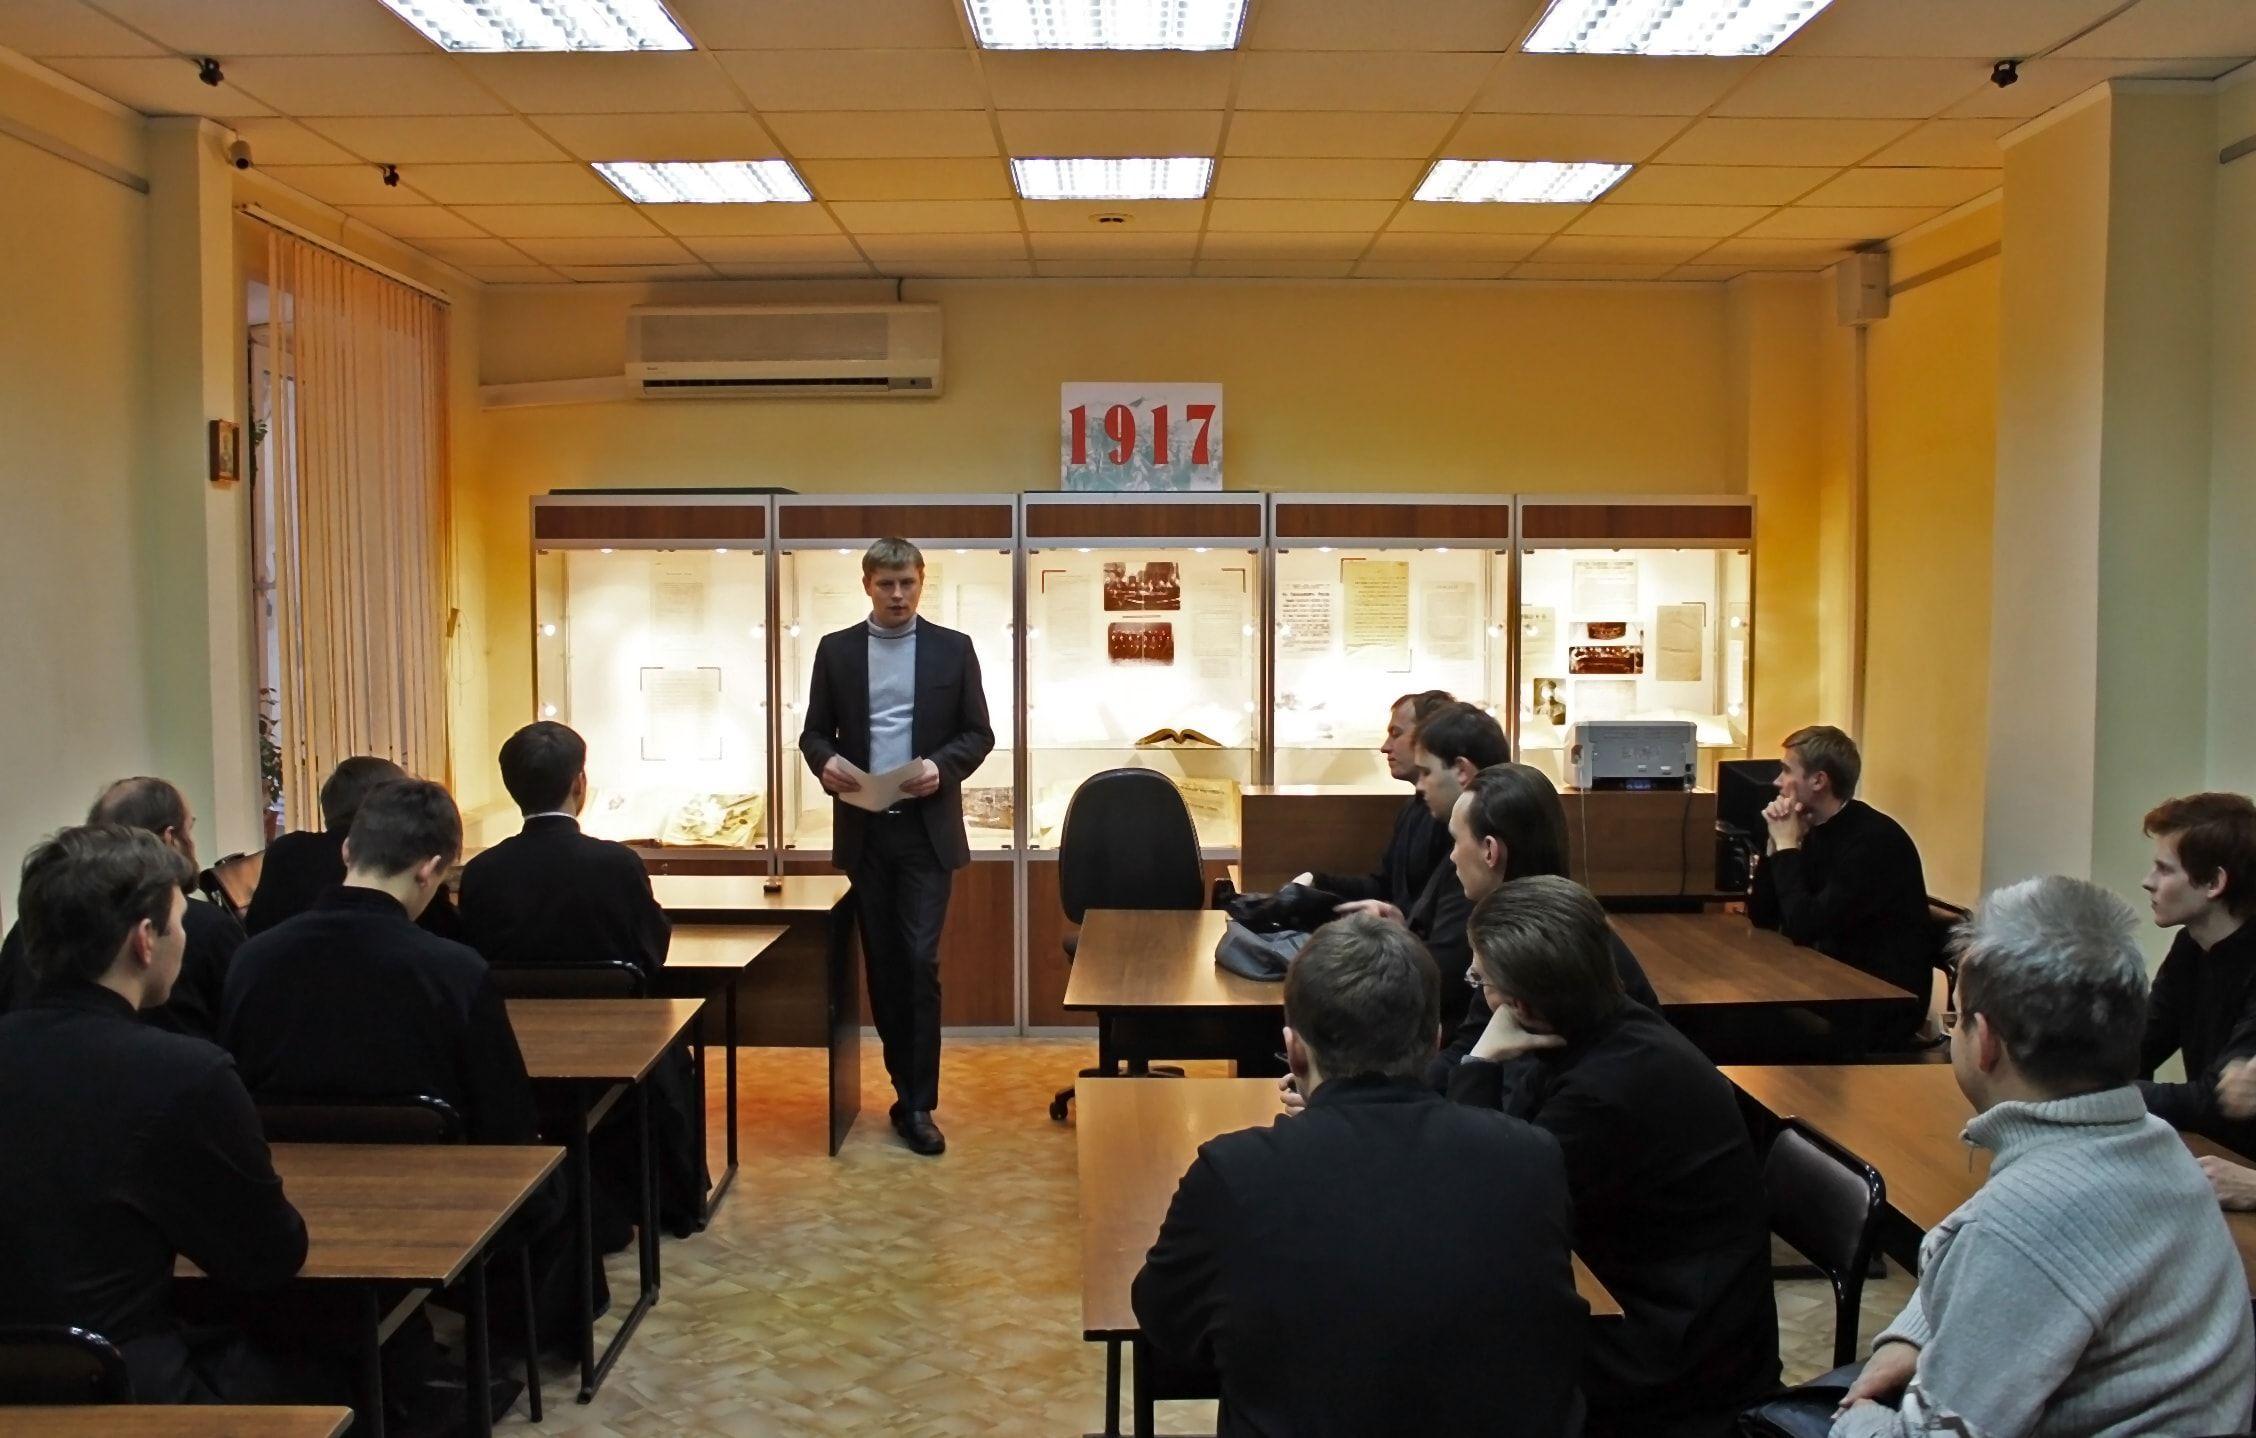 Студенты Вологодской духовной семинарии посетили Государственный   занимающихся написанием курсовых и выпускных квалификационных работ на исторические темы оно вызывает наибольший интерес